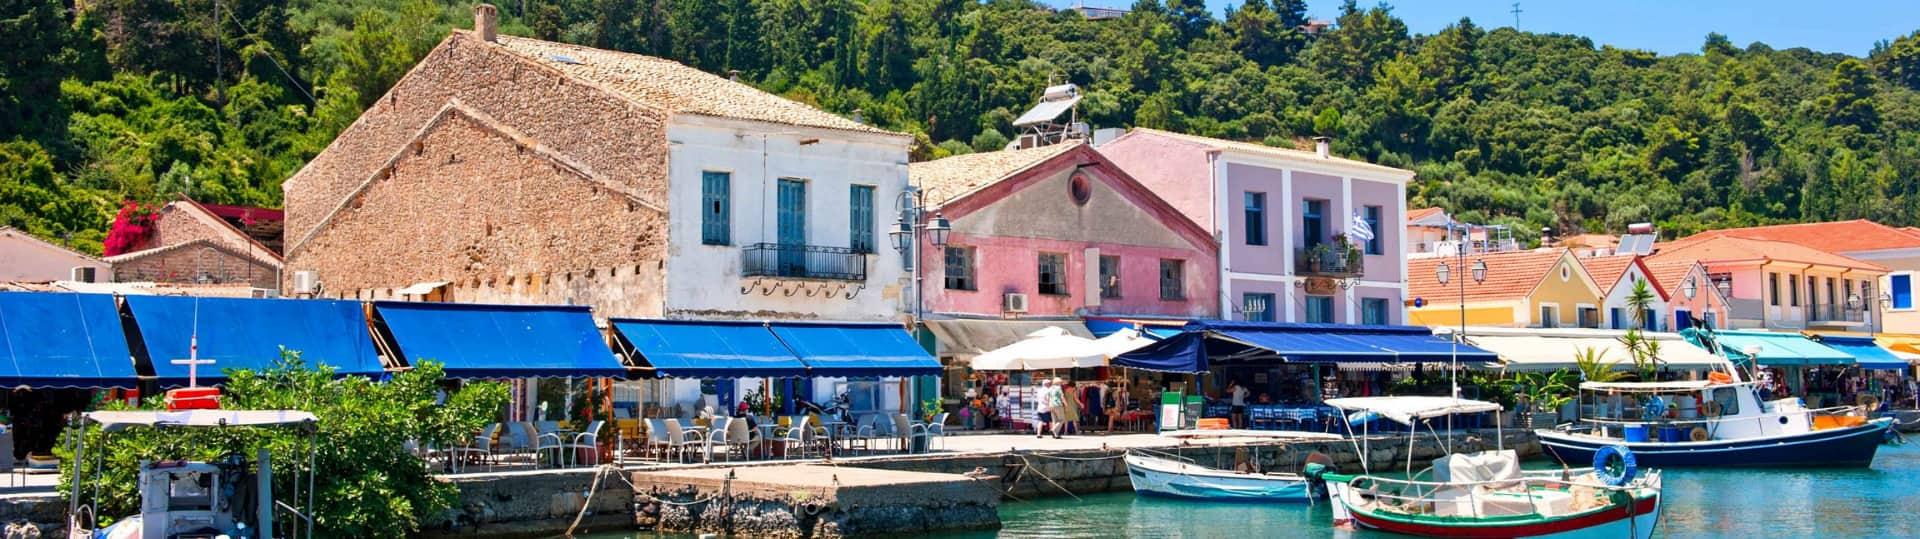 Katakolon, Katakolon, Grecia: itinerario para un día perfecto recorriendo la ciudad